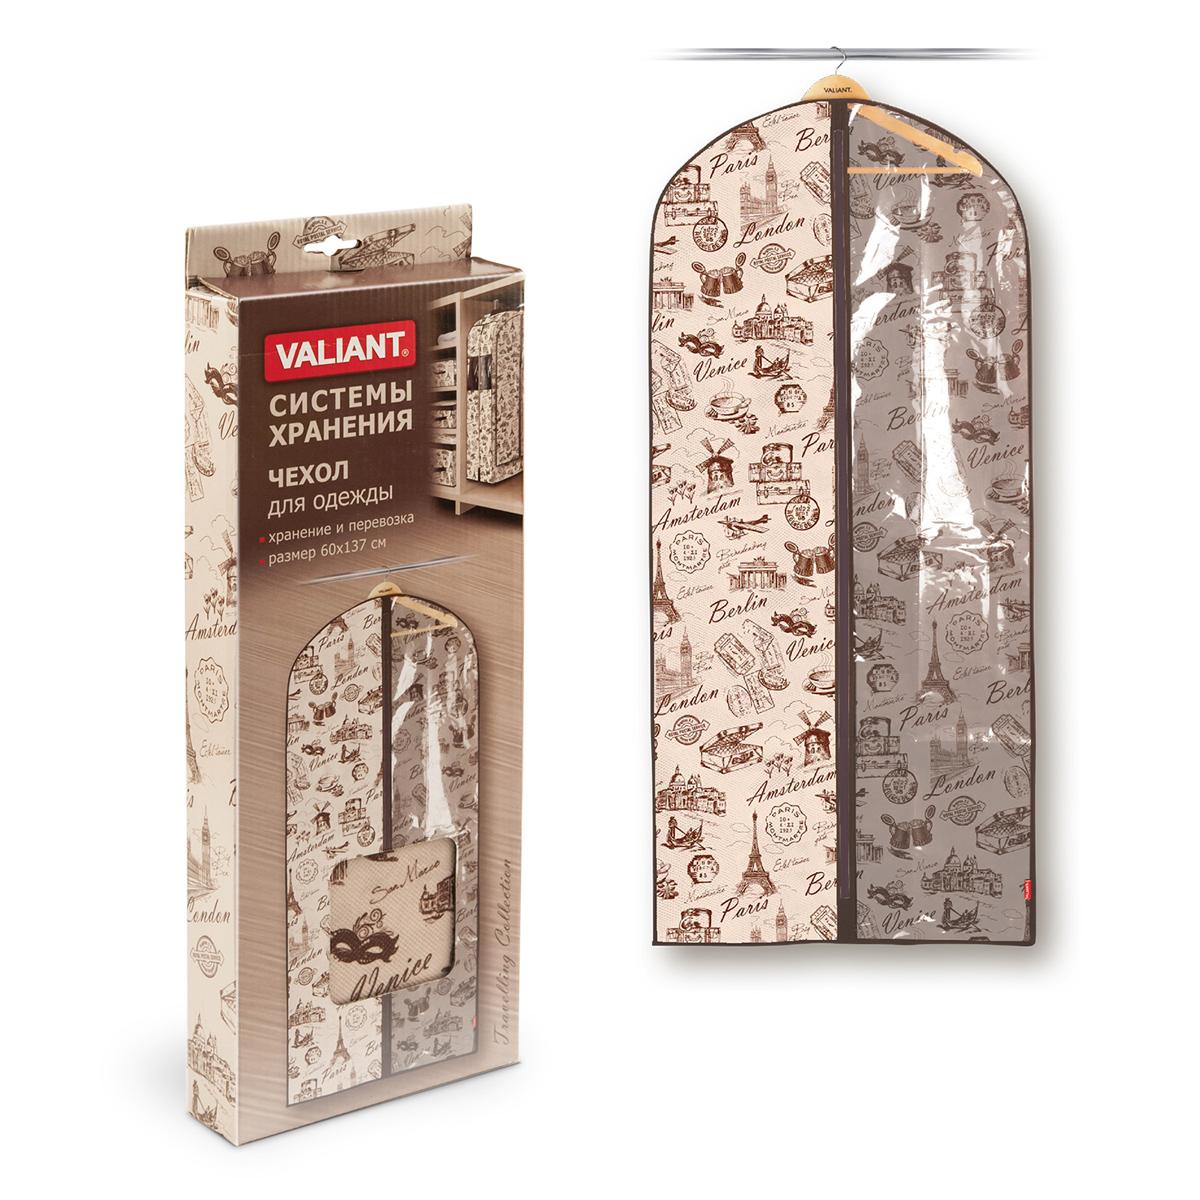 Чехол для одежды Valiant Travelling, 60 см х 137 смTRC006Чехол для одежды Valiant Travelling изготовлен из высококачественного нетканого материала (спанбонда), который обеспечивает естественную вентиляцию, позволяя воздуху проникать внутрь, но не пропускает пыль. Чехол очень удобен в использовании. Специальная прозрачная вставка позволяет видеть содержимое внутри чехла, не открывая его. Чехол легко открывается и закрывается застежкой-молнией. Идеально подойдет для транспортировки и хранения одежды. Оригинальный дизайн погружает в атмосферу путешествий по разным городам и странам. Системы хранения в едином дизайне сделают вашу гардеробную красивой и невероятно стильной.